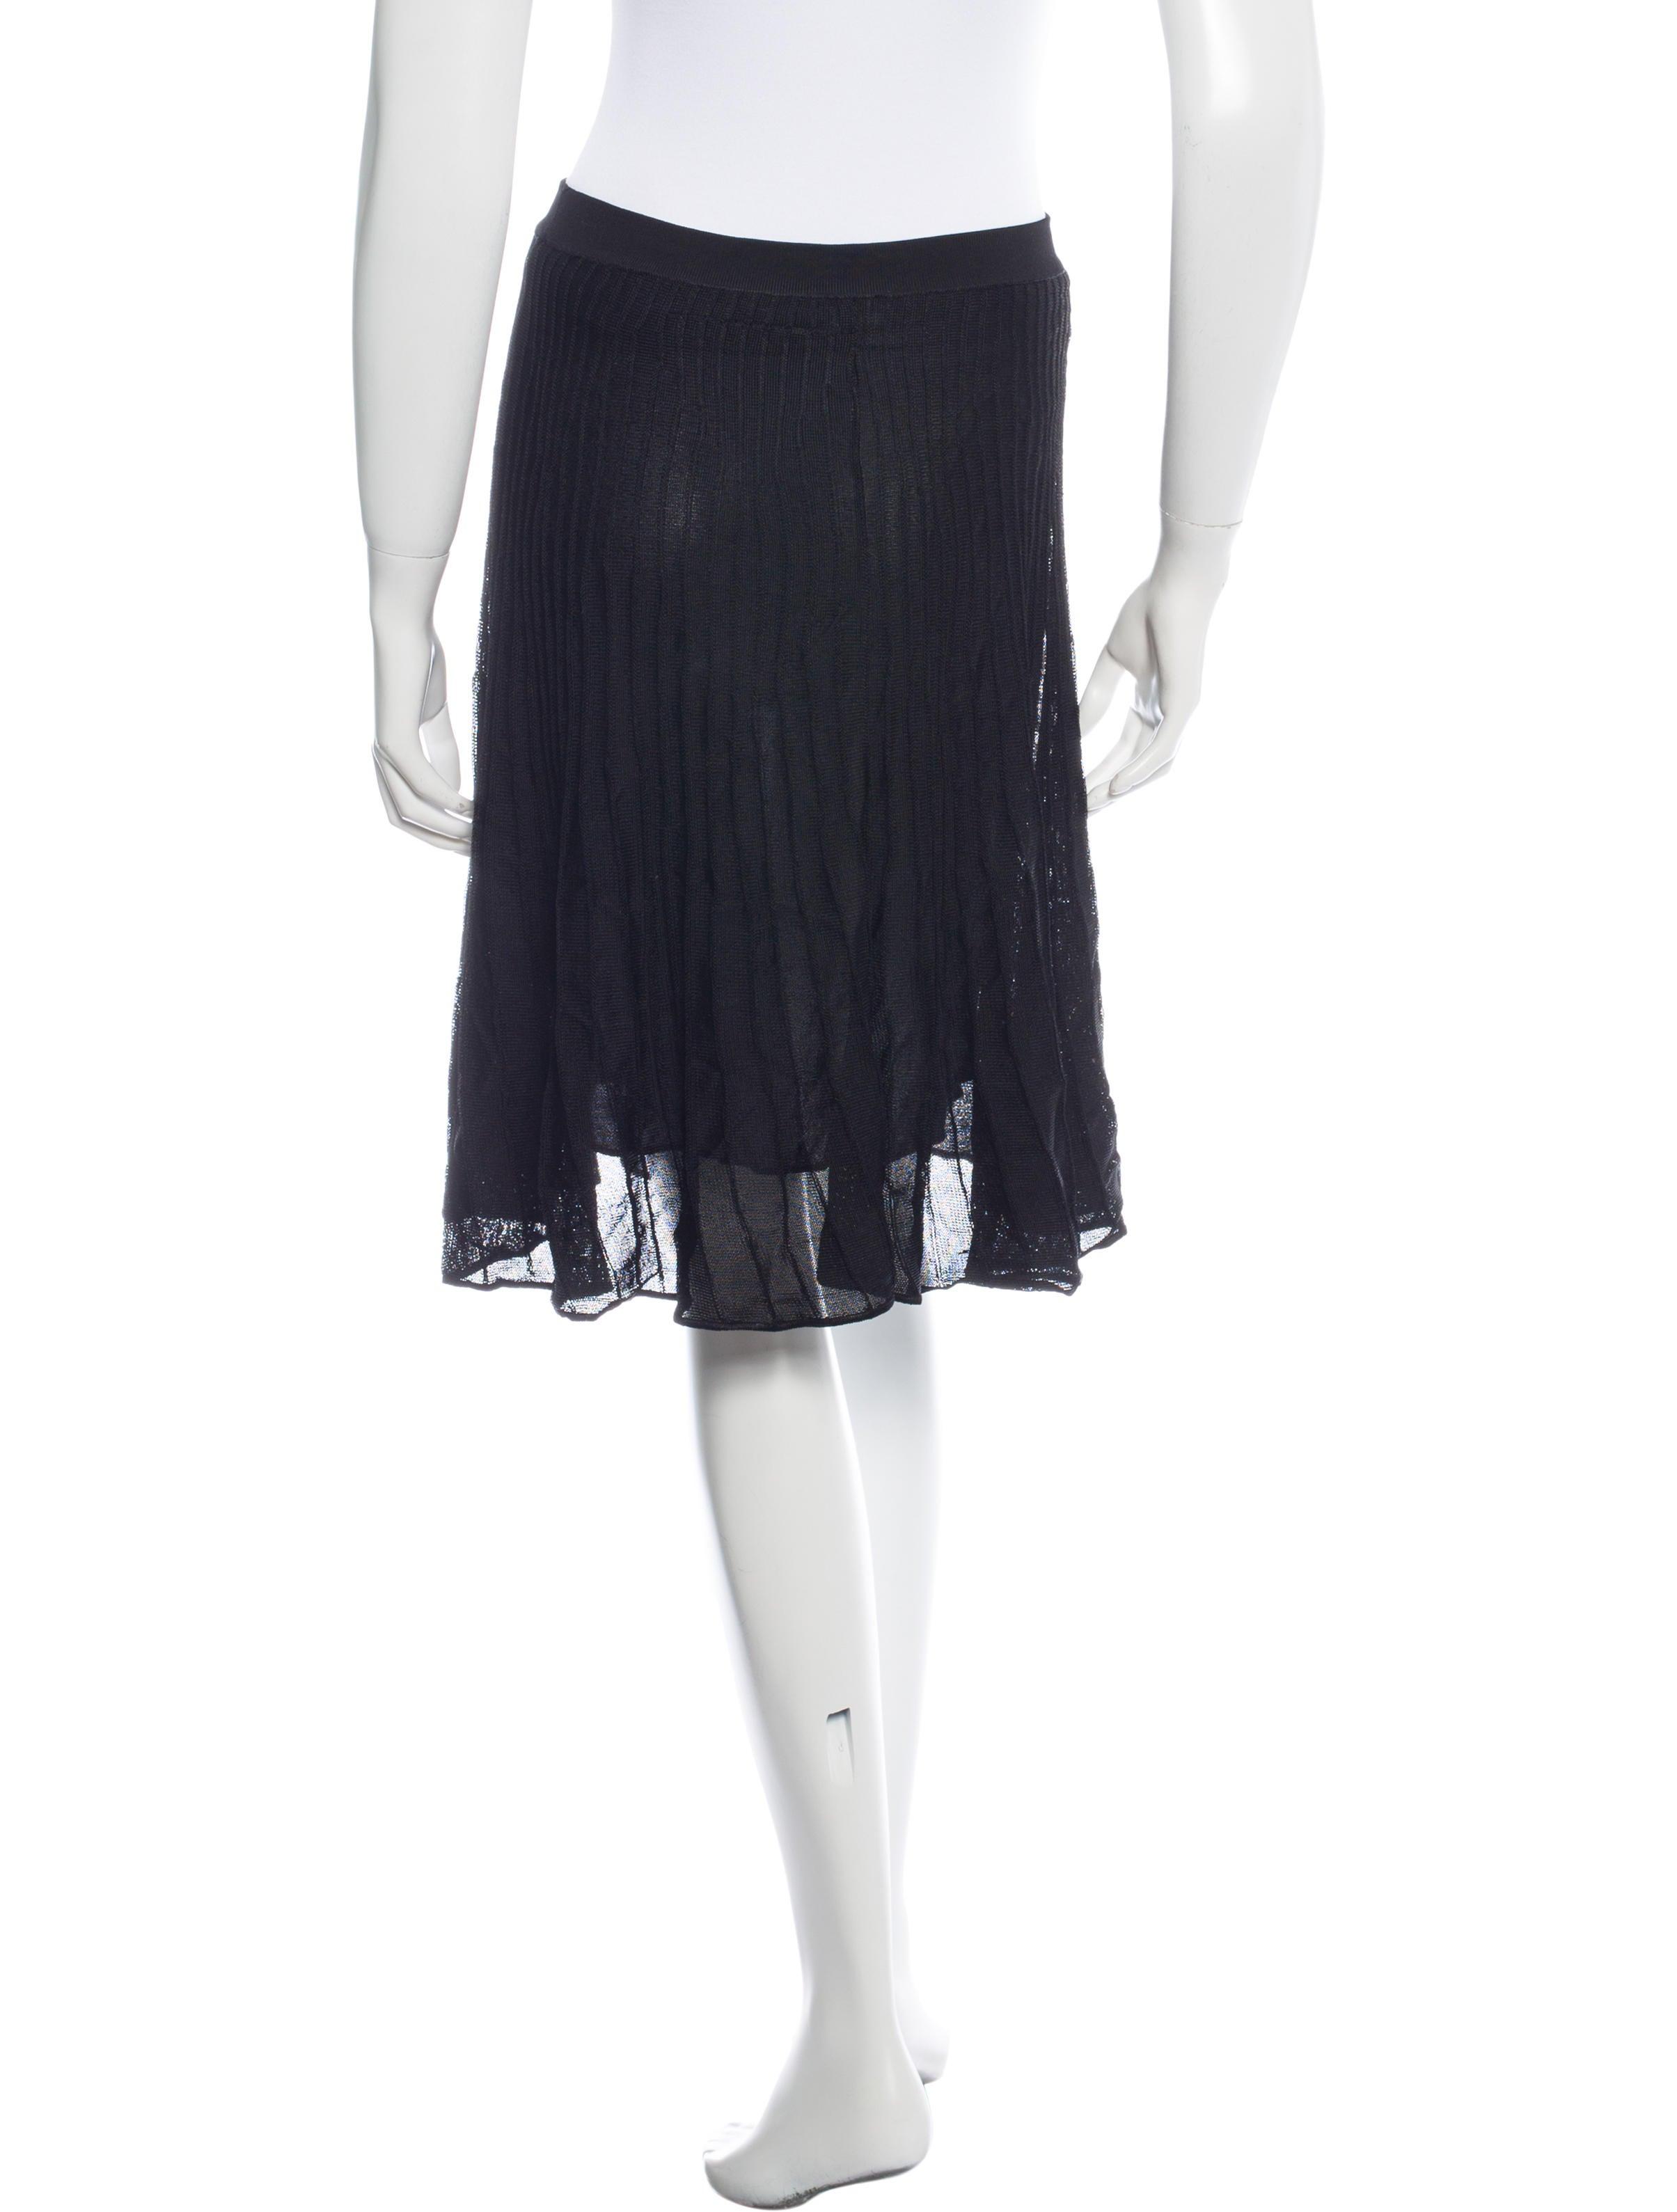 m missoni knit knee length skirt clothing wm431528